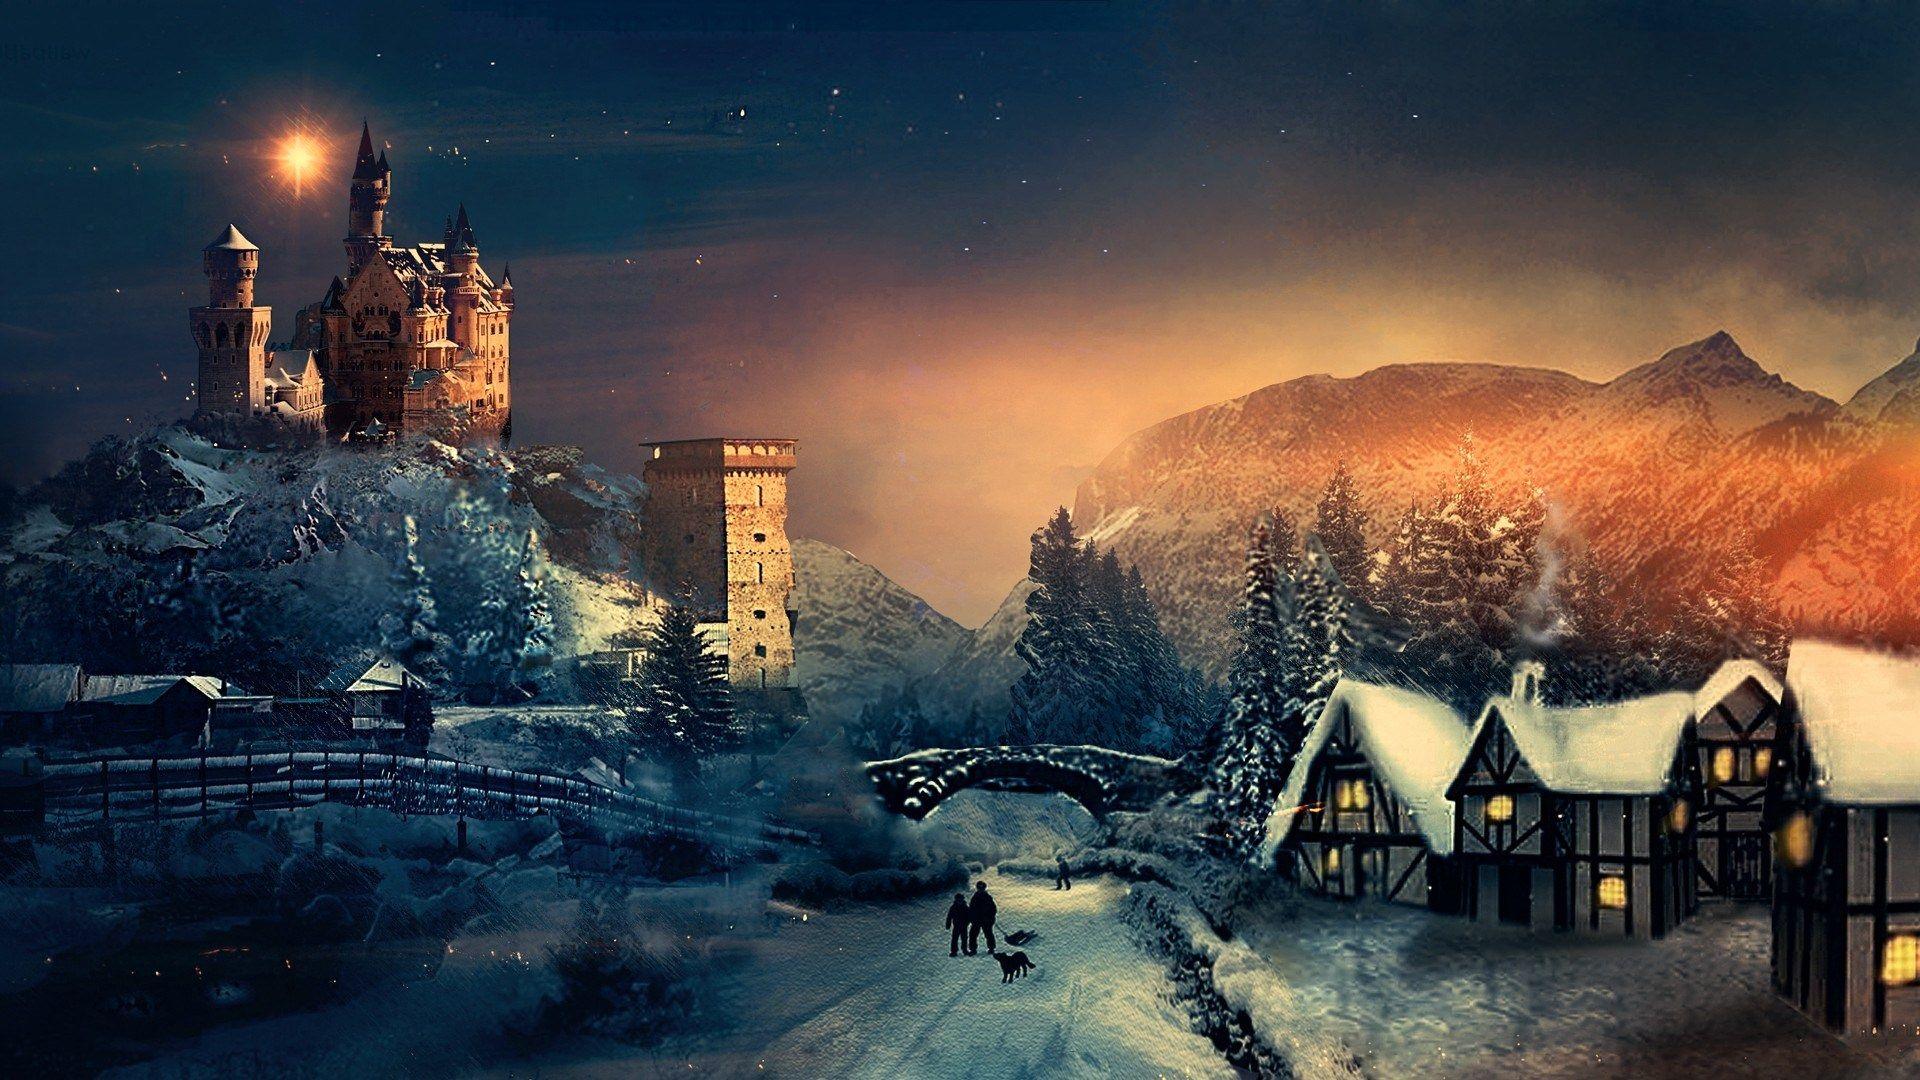 обои новый год и рождество европа 1080 хоум кредит банк официальный сайт номер телефона горячей линии бесплатный